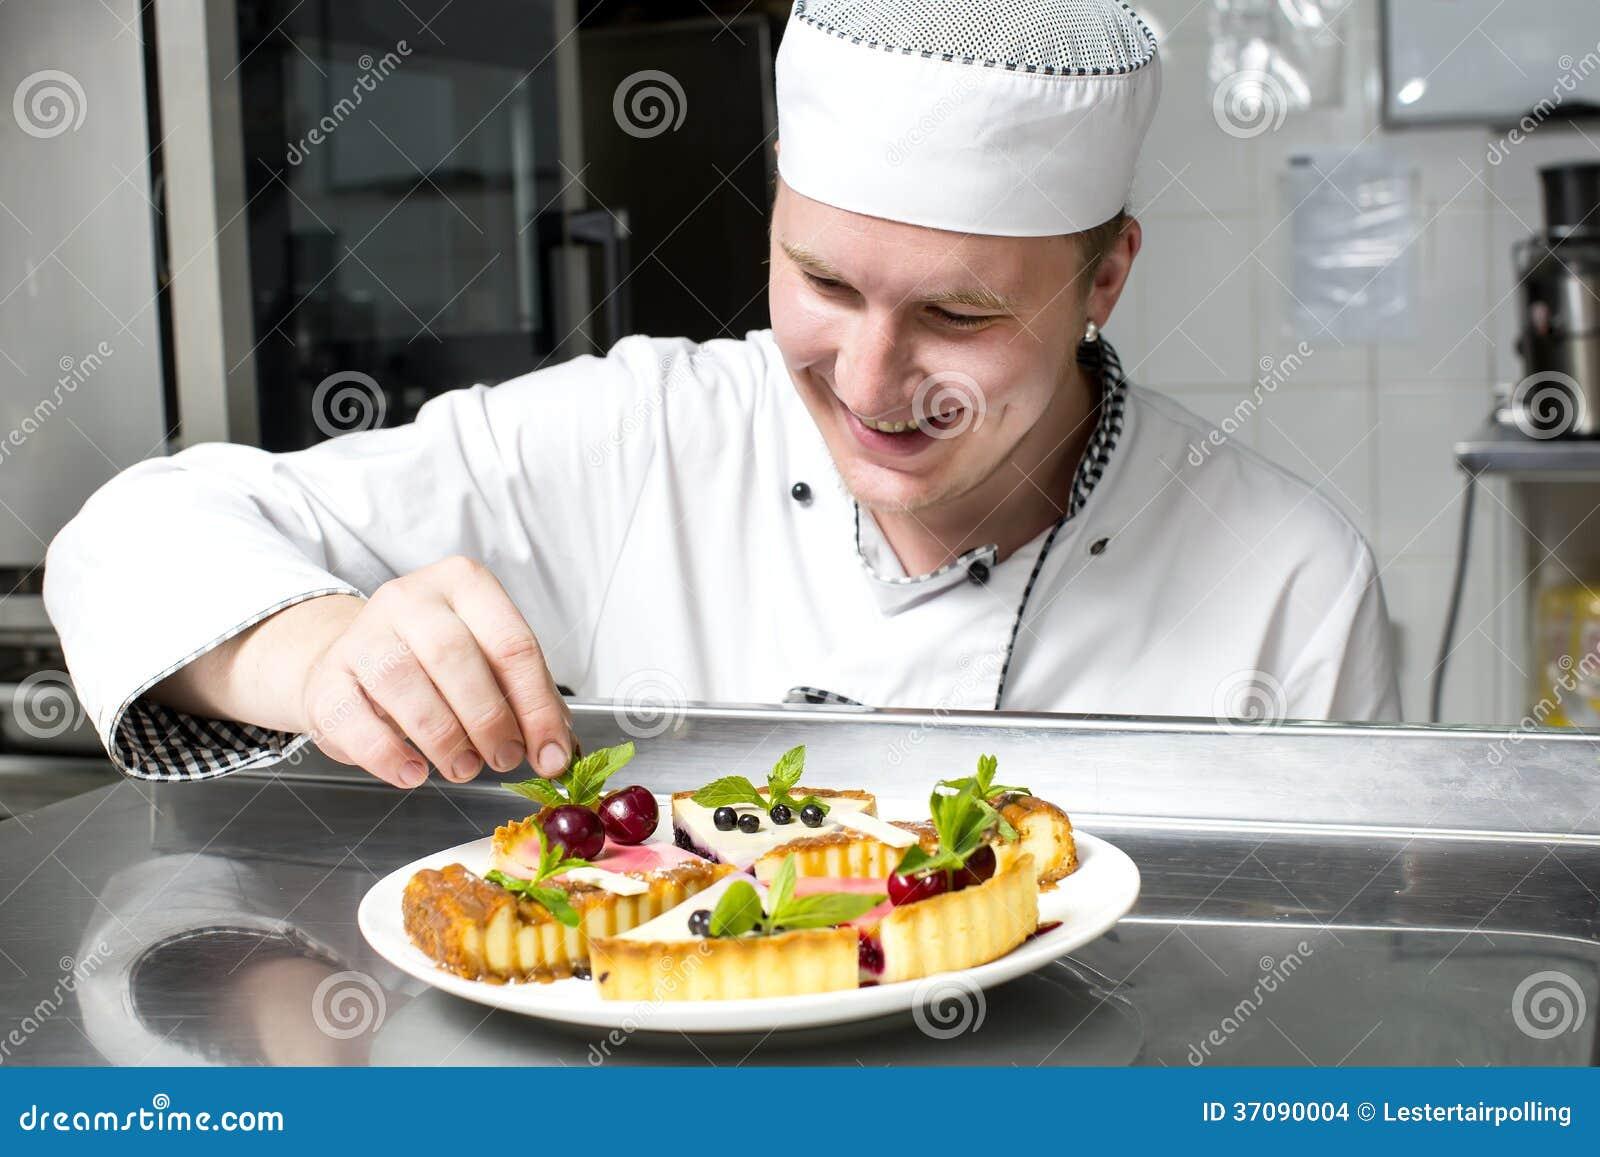 Download Szef Kuchni Przygotowywa Posiłek Zdjęcie Stock - Obraz złożonej z aged, profesjonalista: 37090004